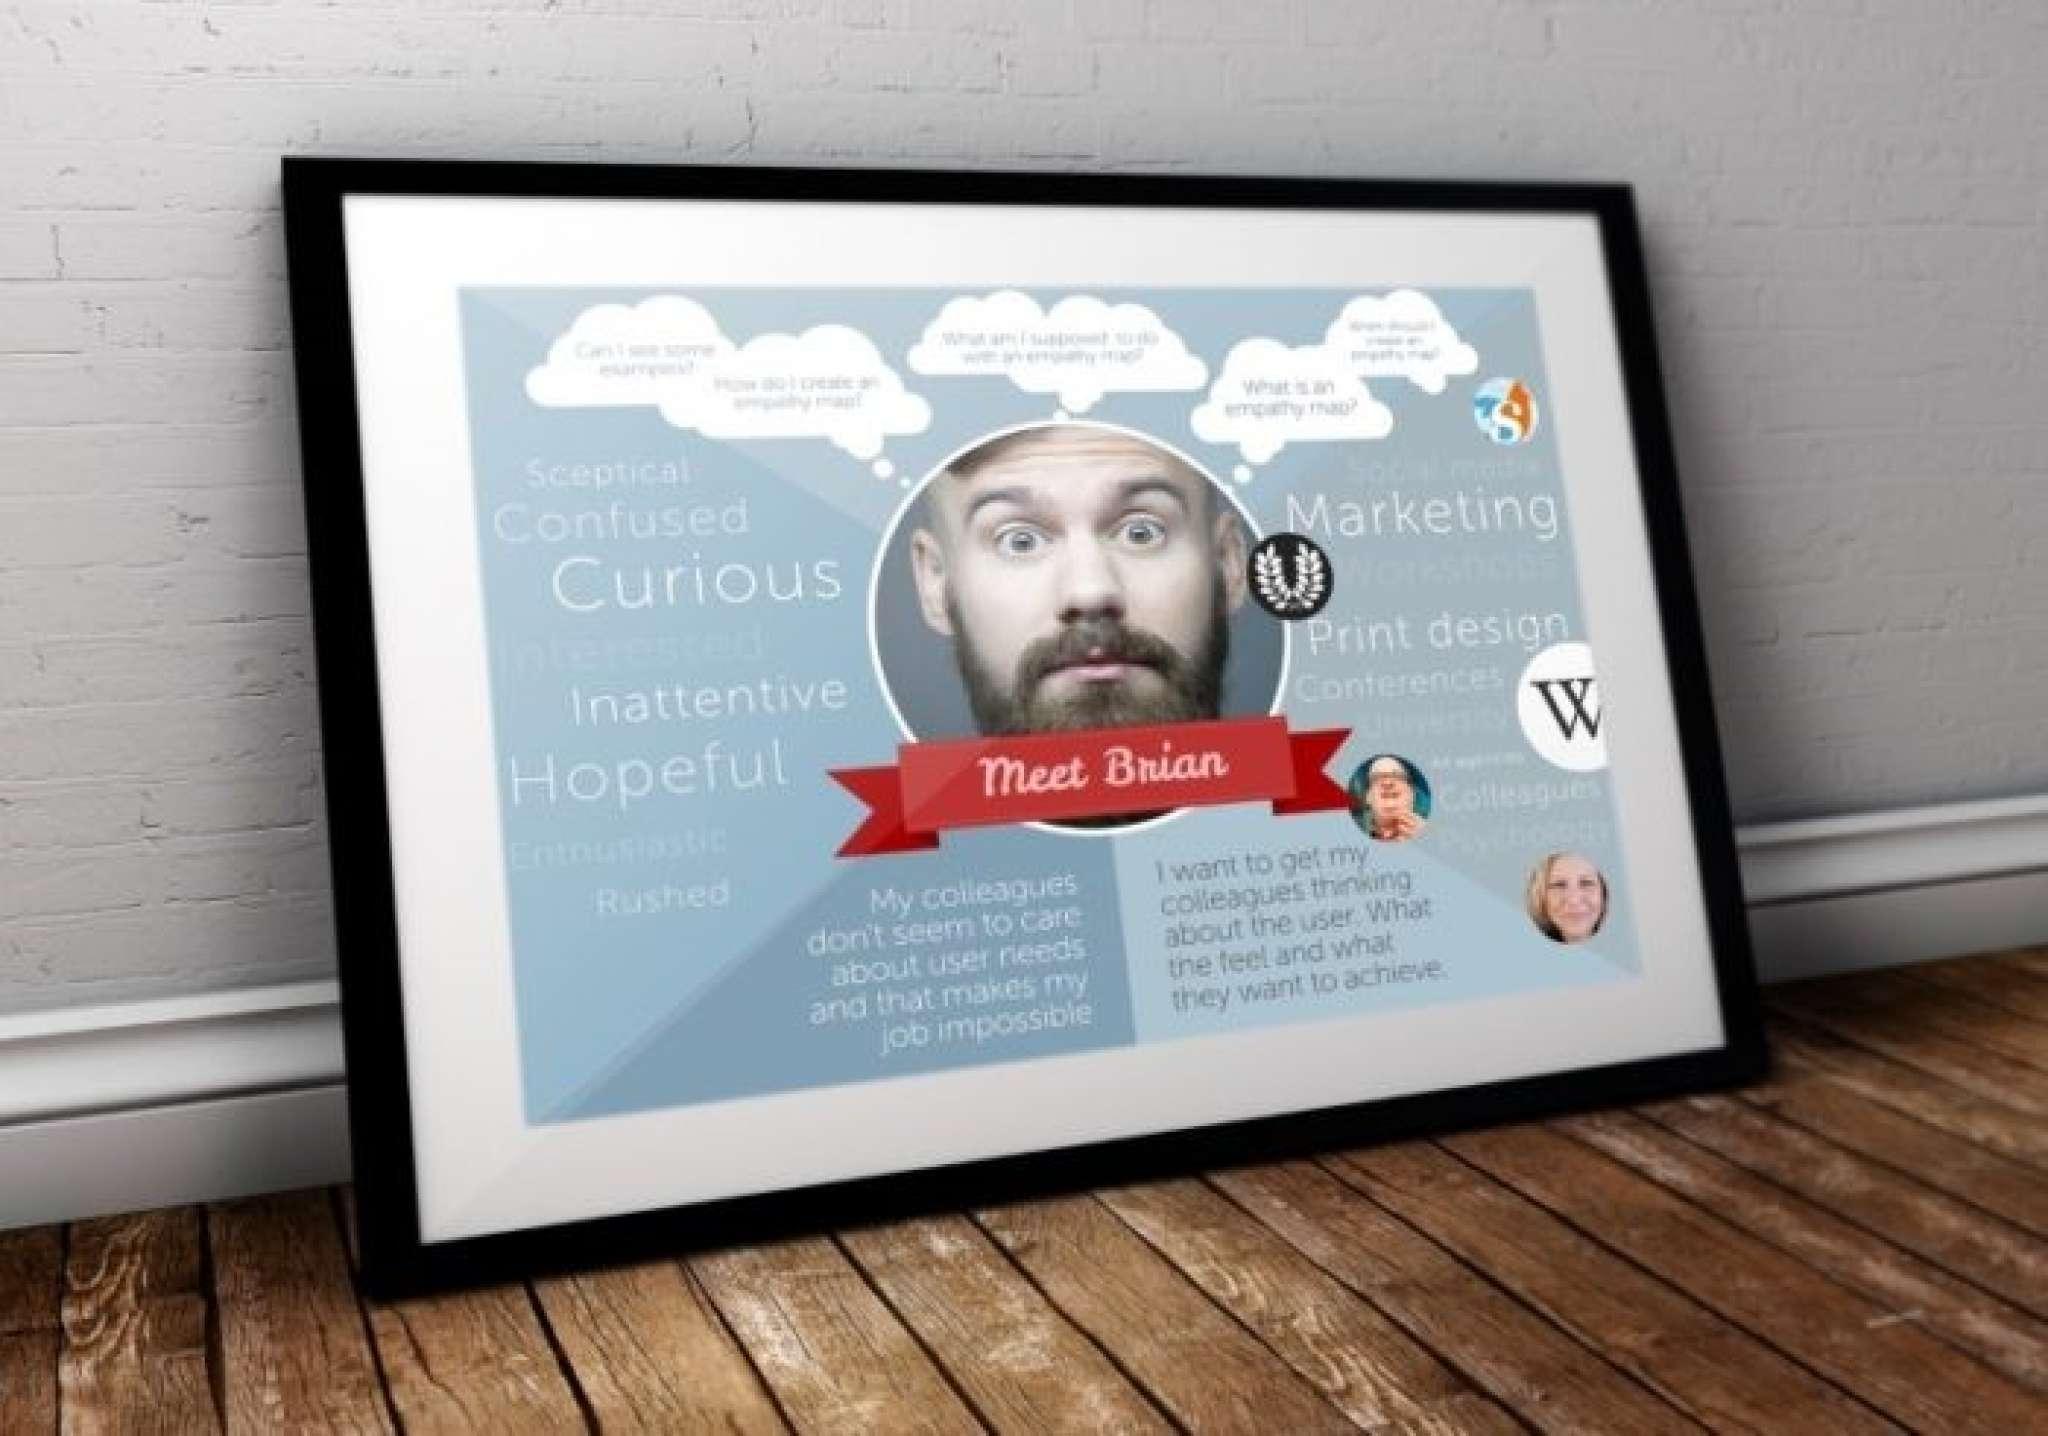 ブライアンと名づけられたユーザーについての詳細が各区画に書き込まれた共感マップをまとめたポスター。